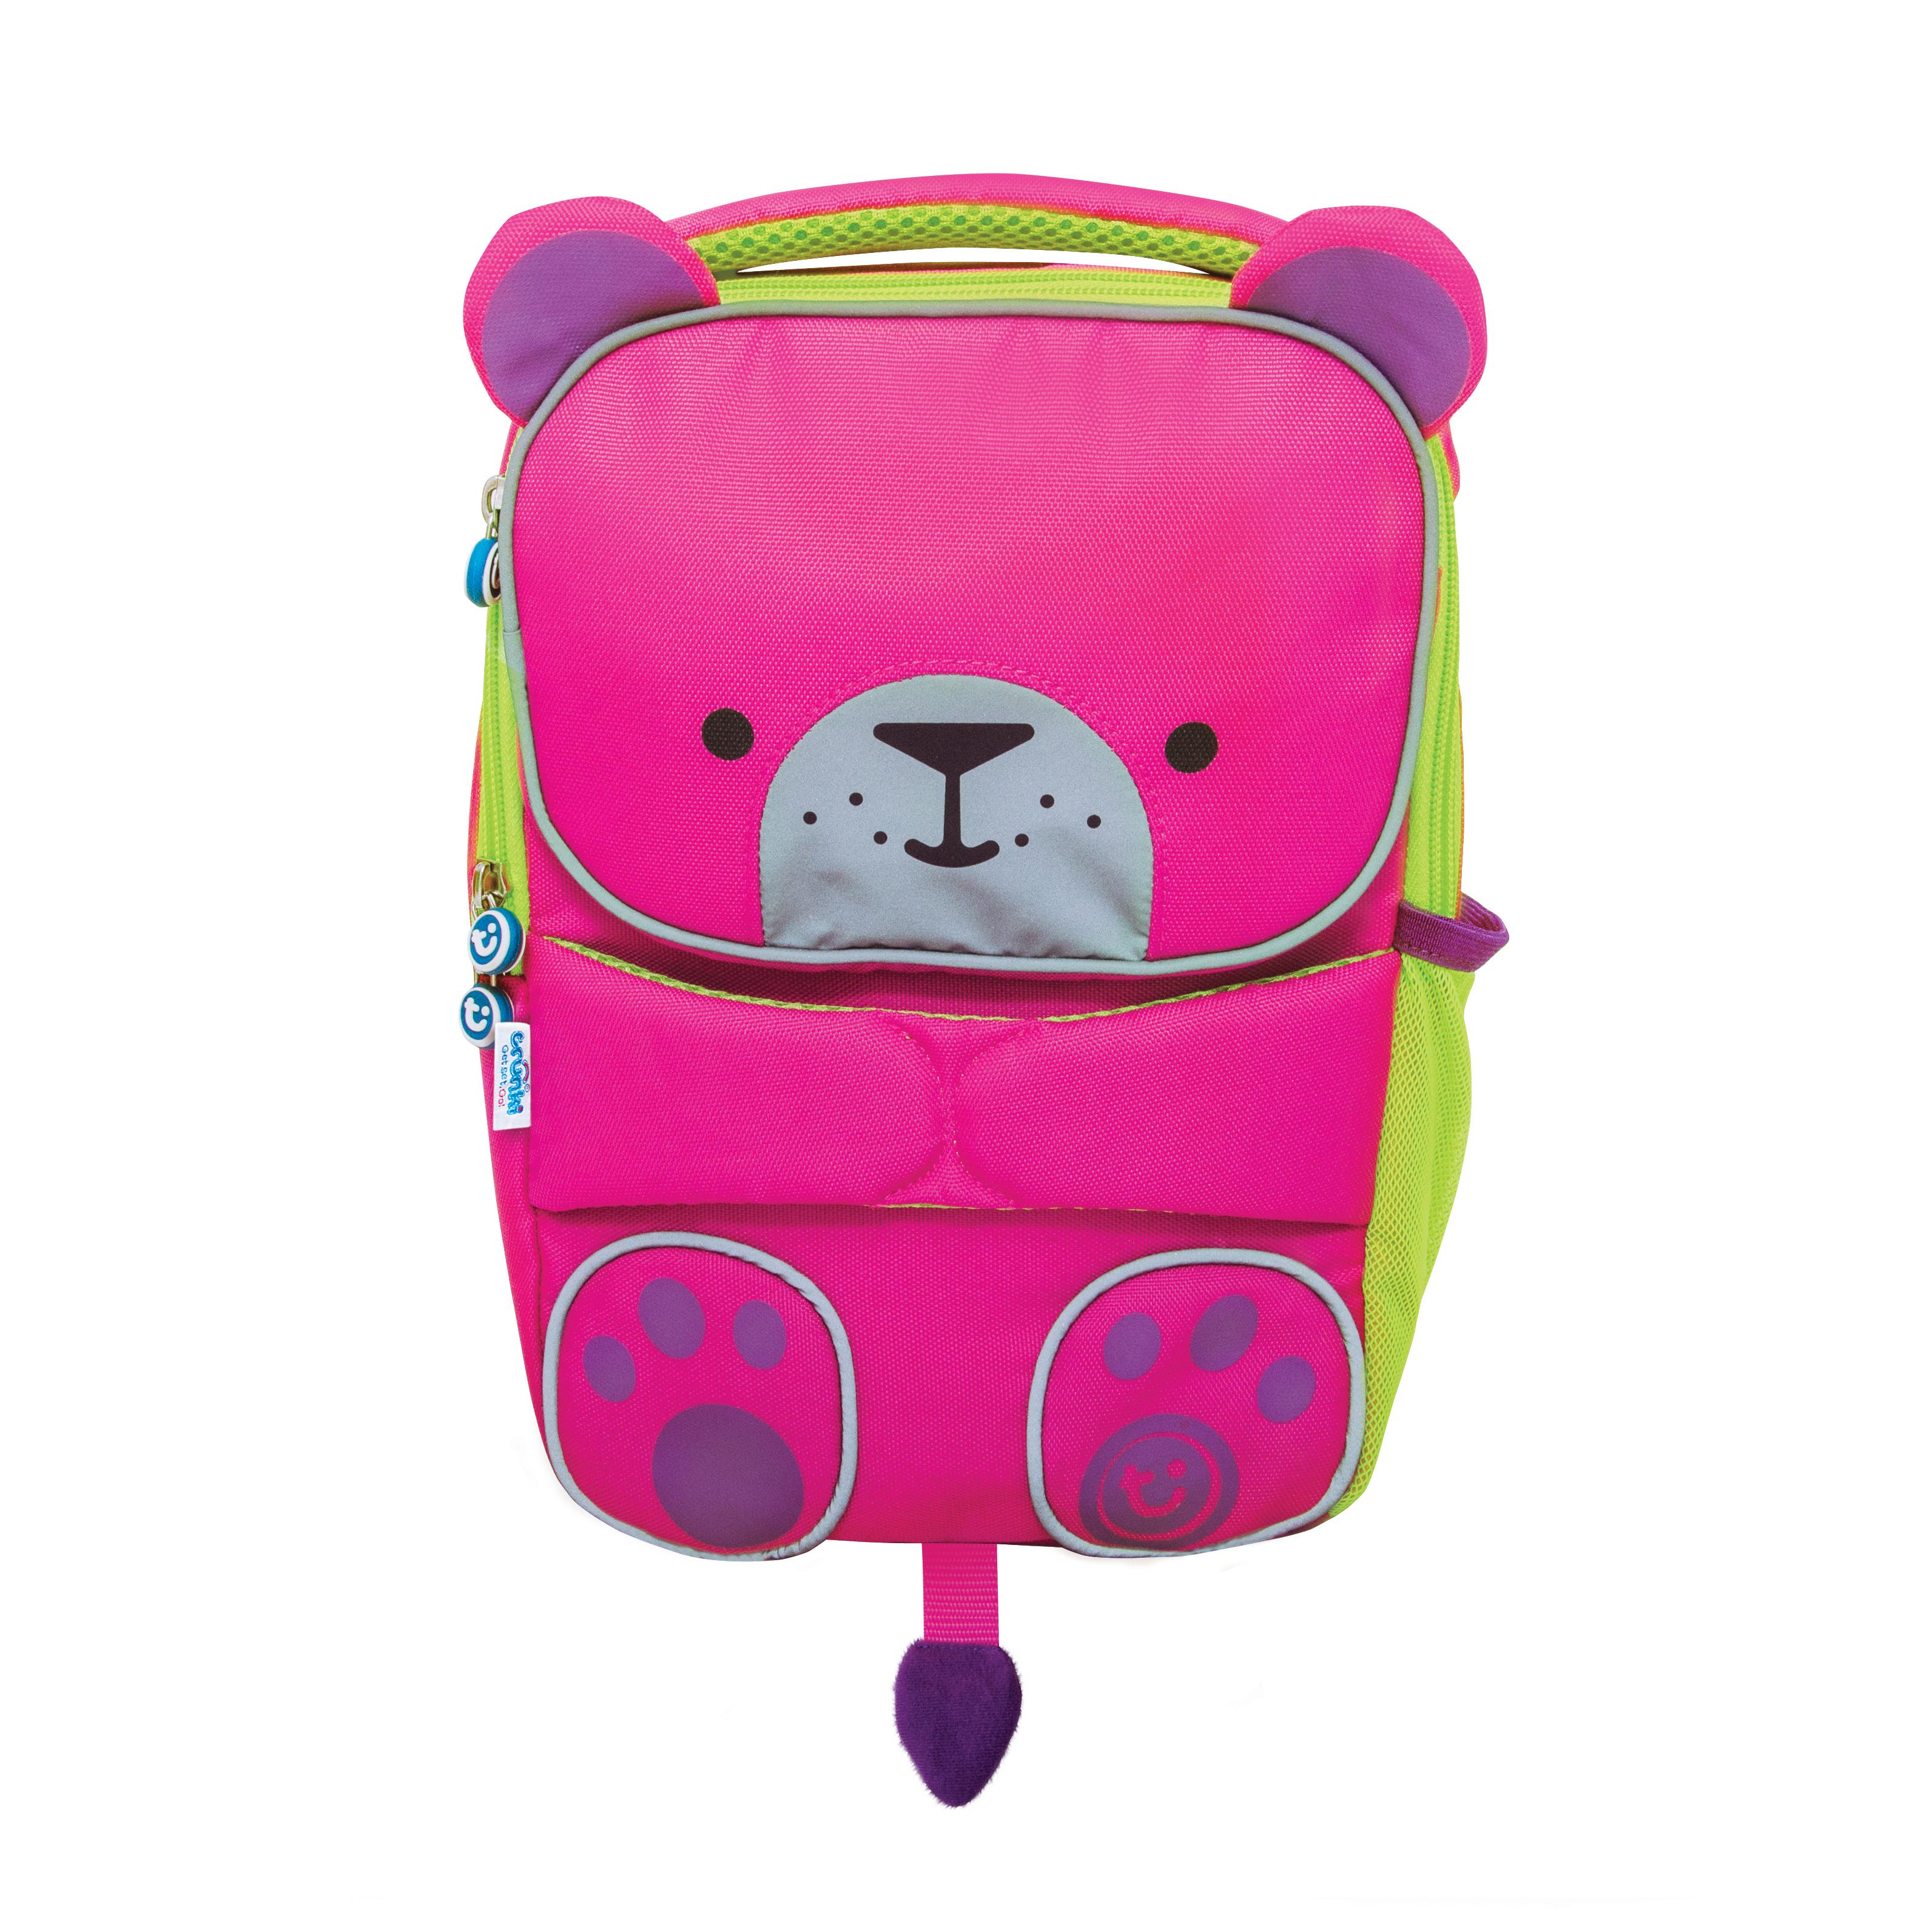 Купить Trunki Рюкзак детский Toddlepak Бэтси, розовый, Китай